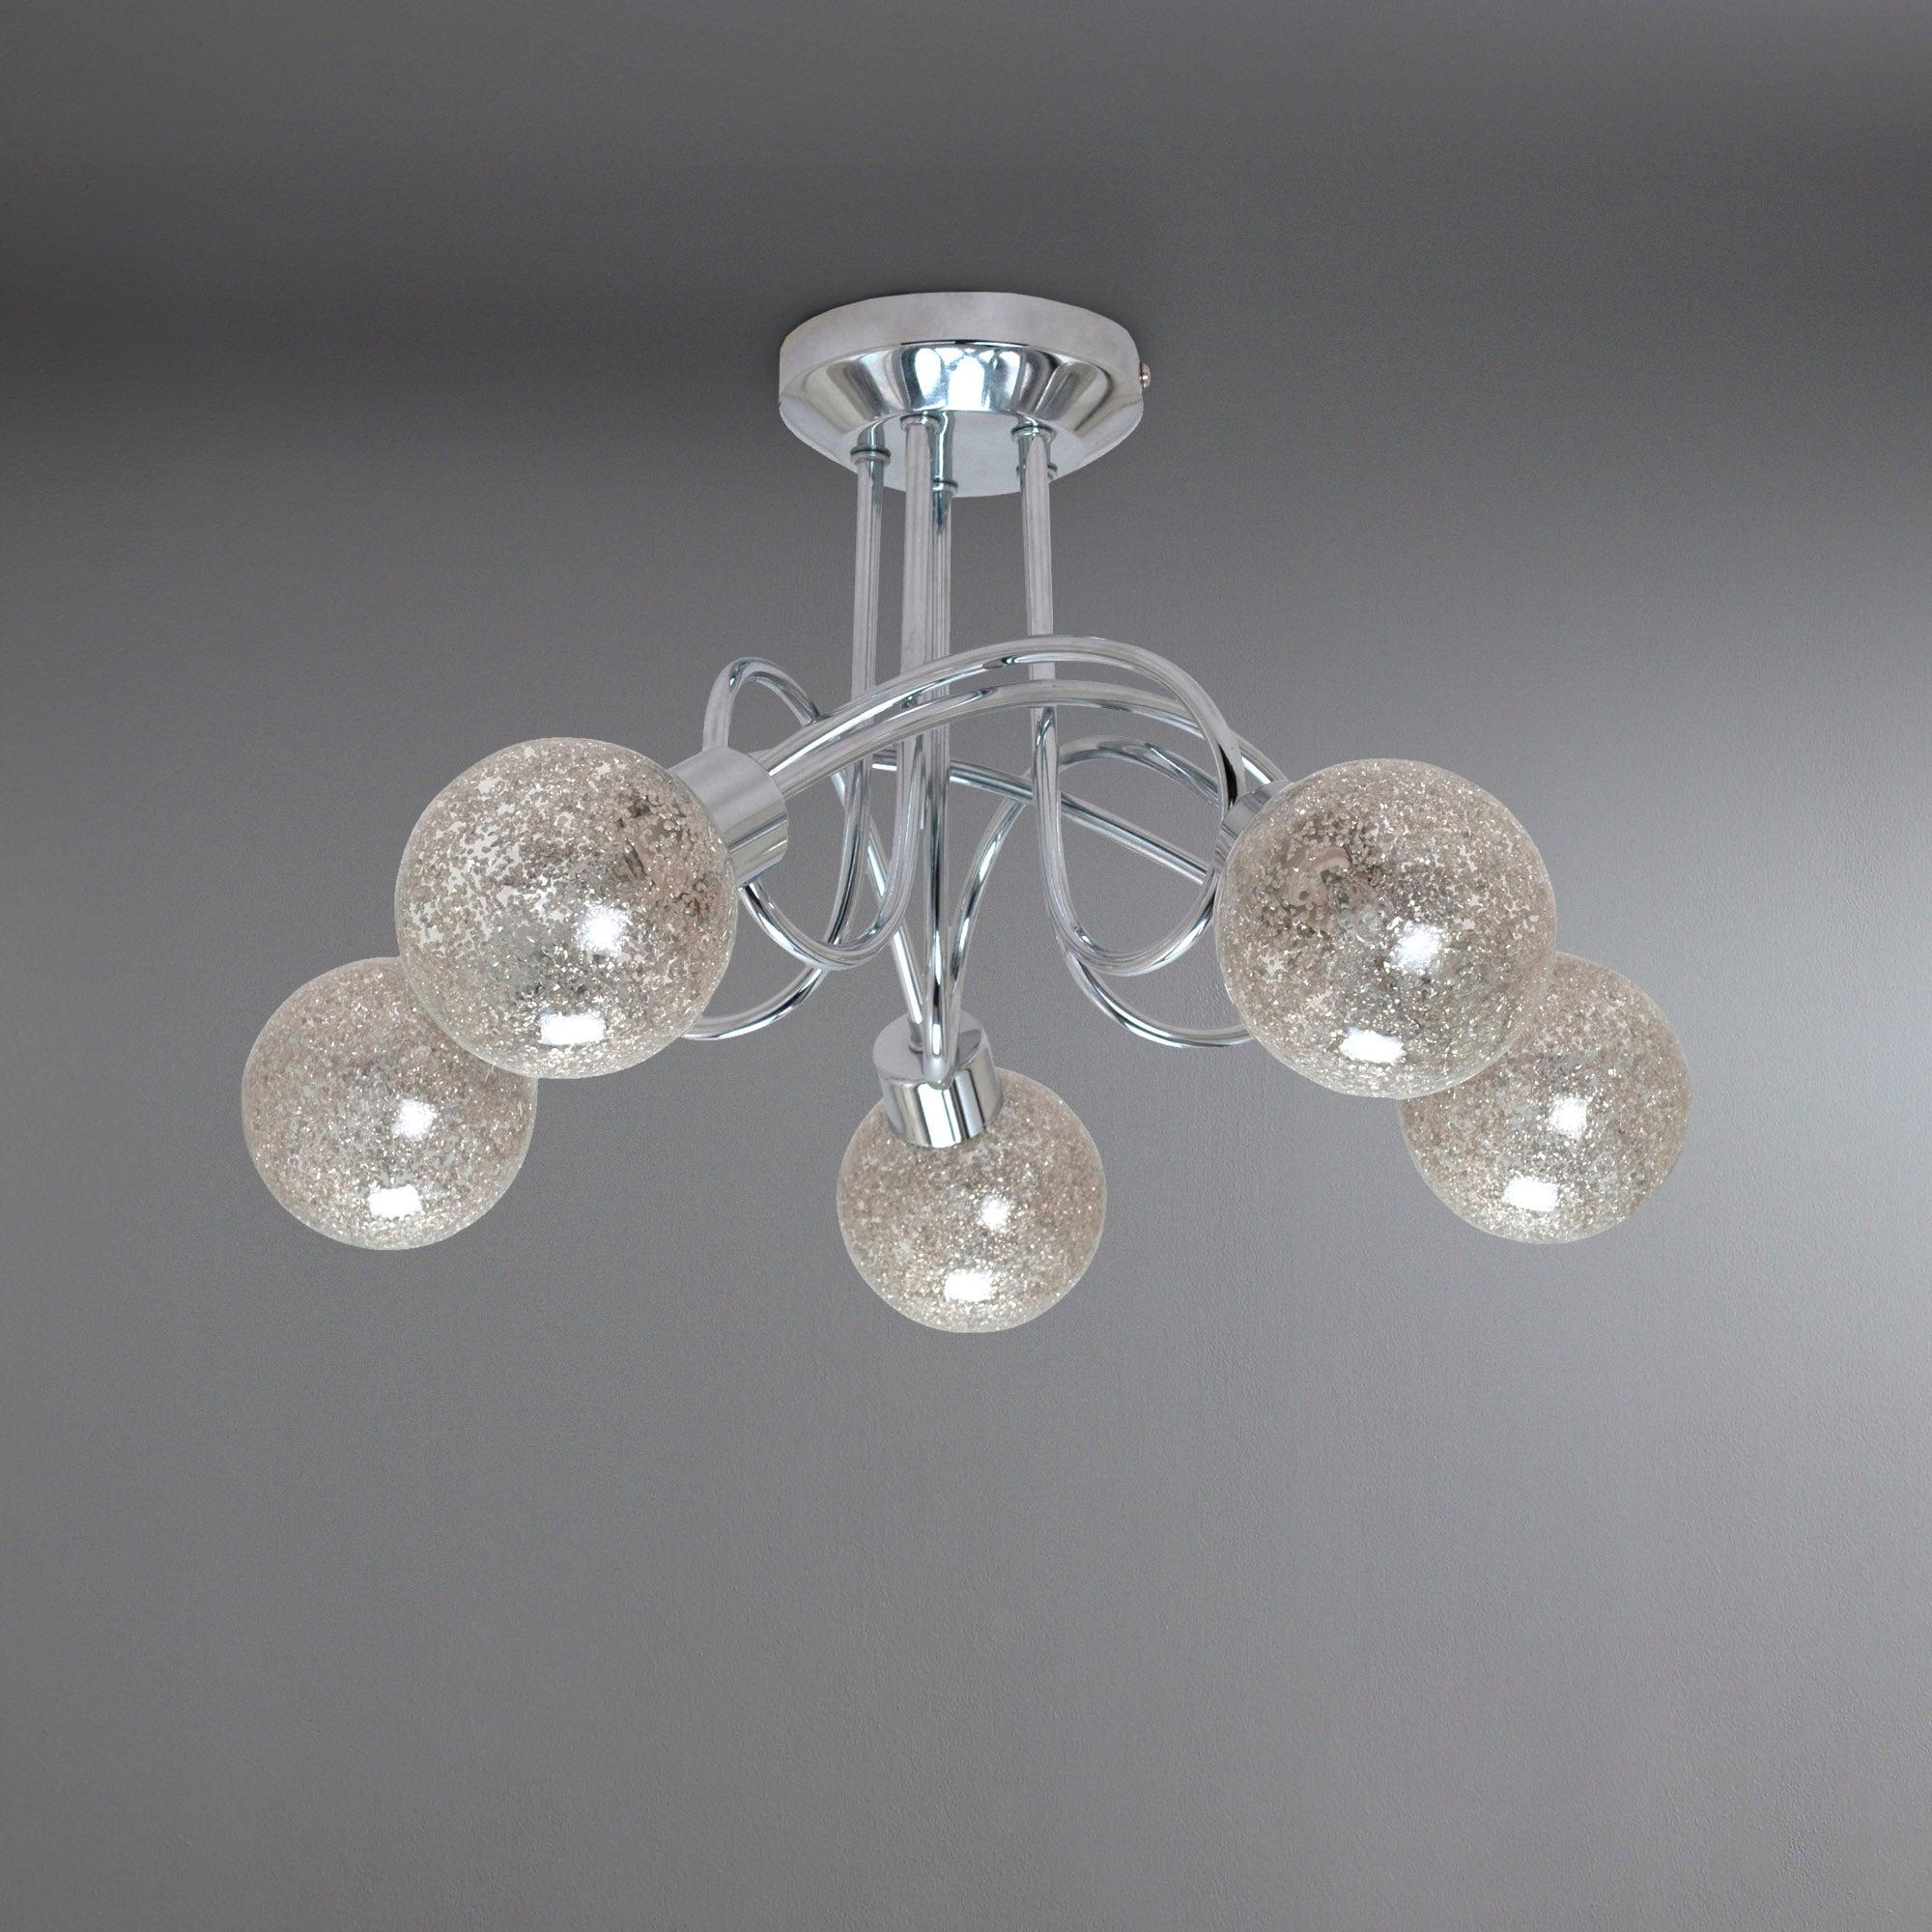 Glitter Ball 5 Light Chrome Ceiling Fitting Dunelm